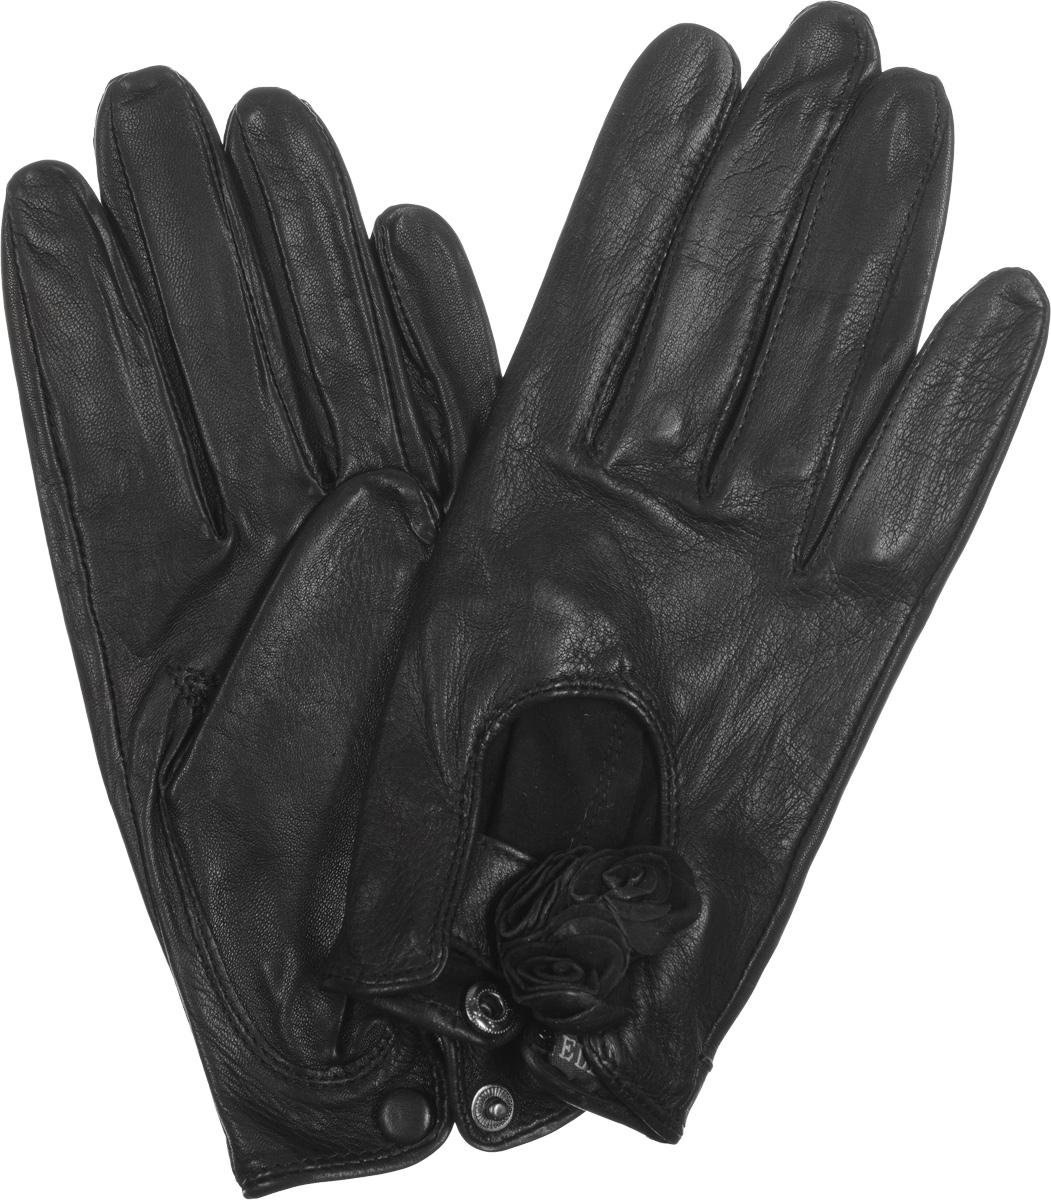 ПерчаткиHP02020Стильные женские перчатки Eleganzza выполнены из кожи ягненка с напылением, придающим мерцающий блеск. На лицевой стороне - вырез и декоративный ремешок с цветами из кожи. На внутренней стороне манжеты - разрез с металлической кнопкой, обтянутой кожей. Перчатки станут идеальным аксессуаром, дополняющим ваш стиль и неповторимость в современном мире моды.